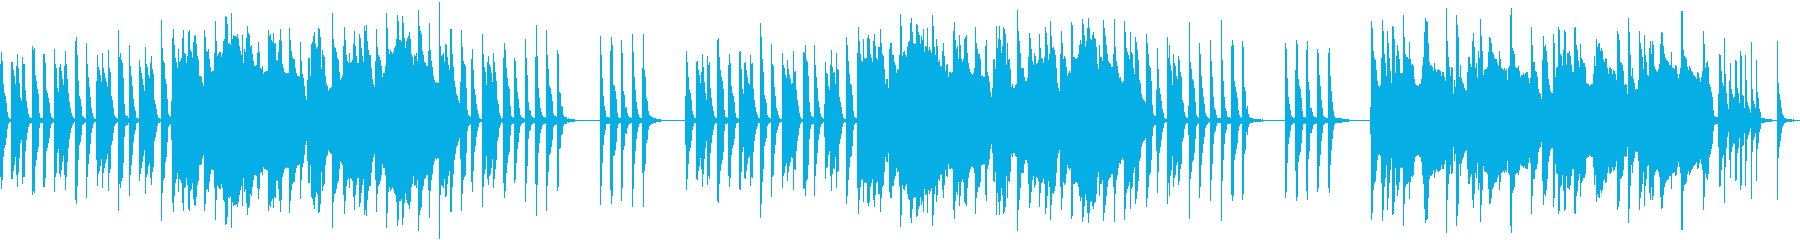 オーボエのコミカルな曲の再生済みの波形